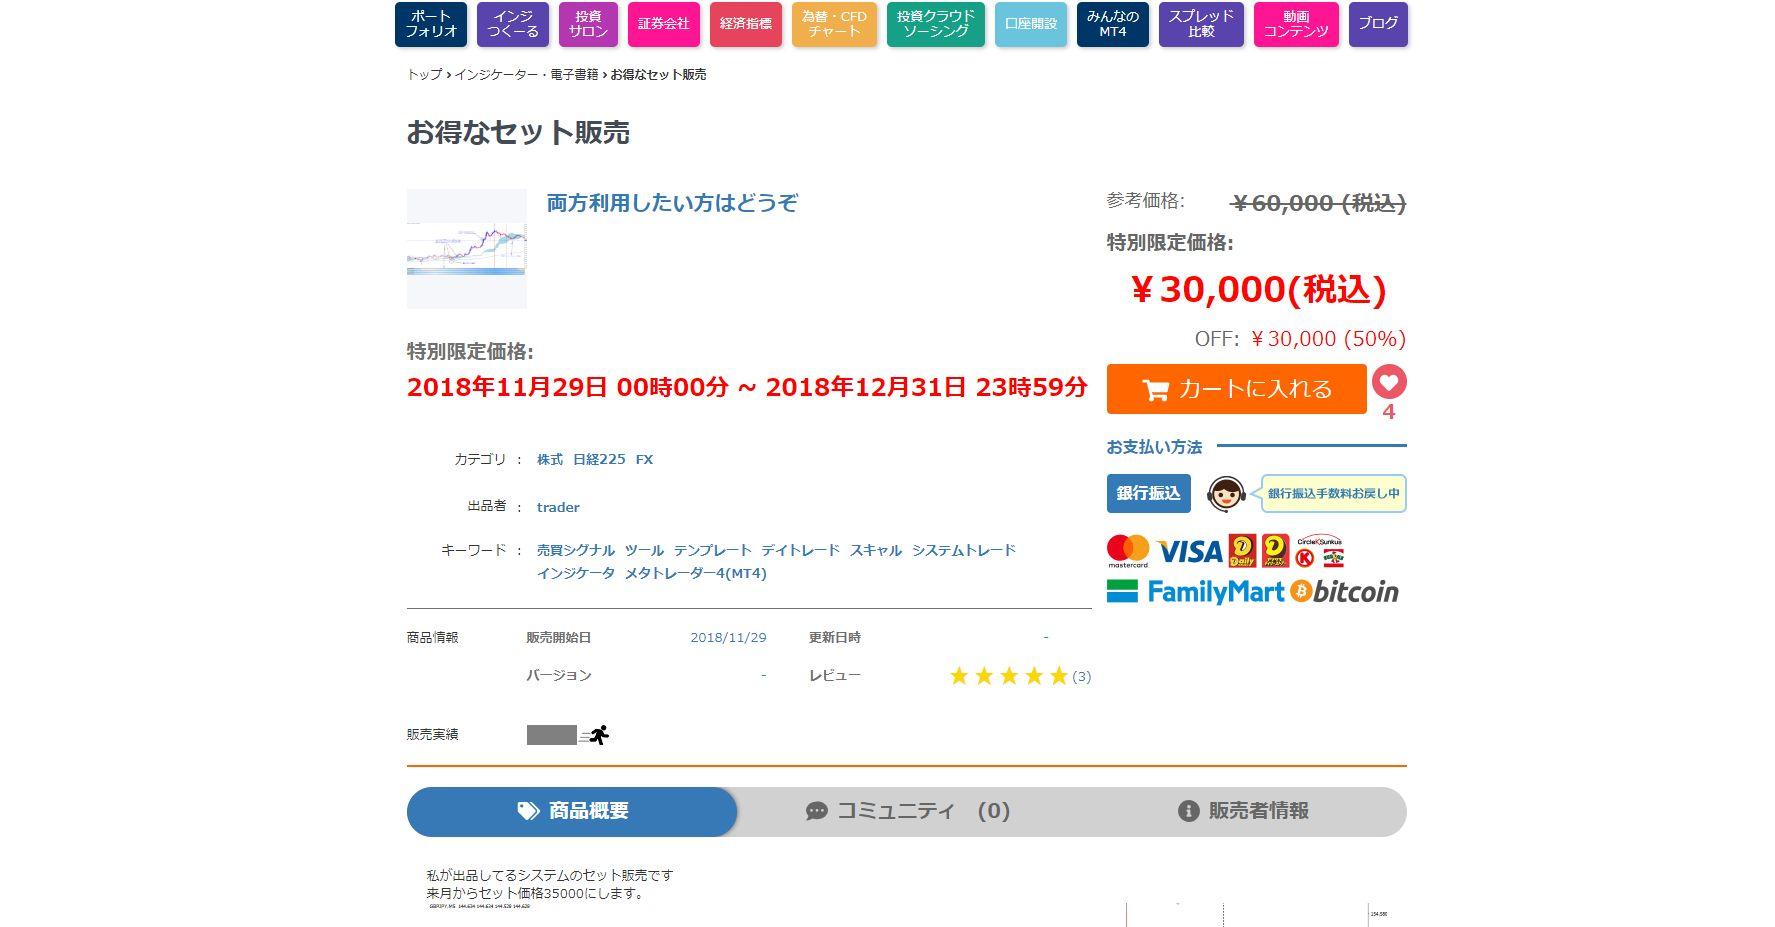 私が出品してるツールを15000円で購入したい方